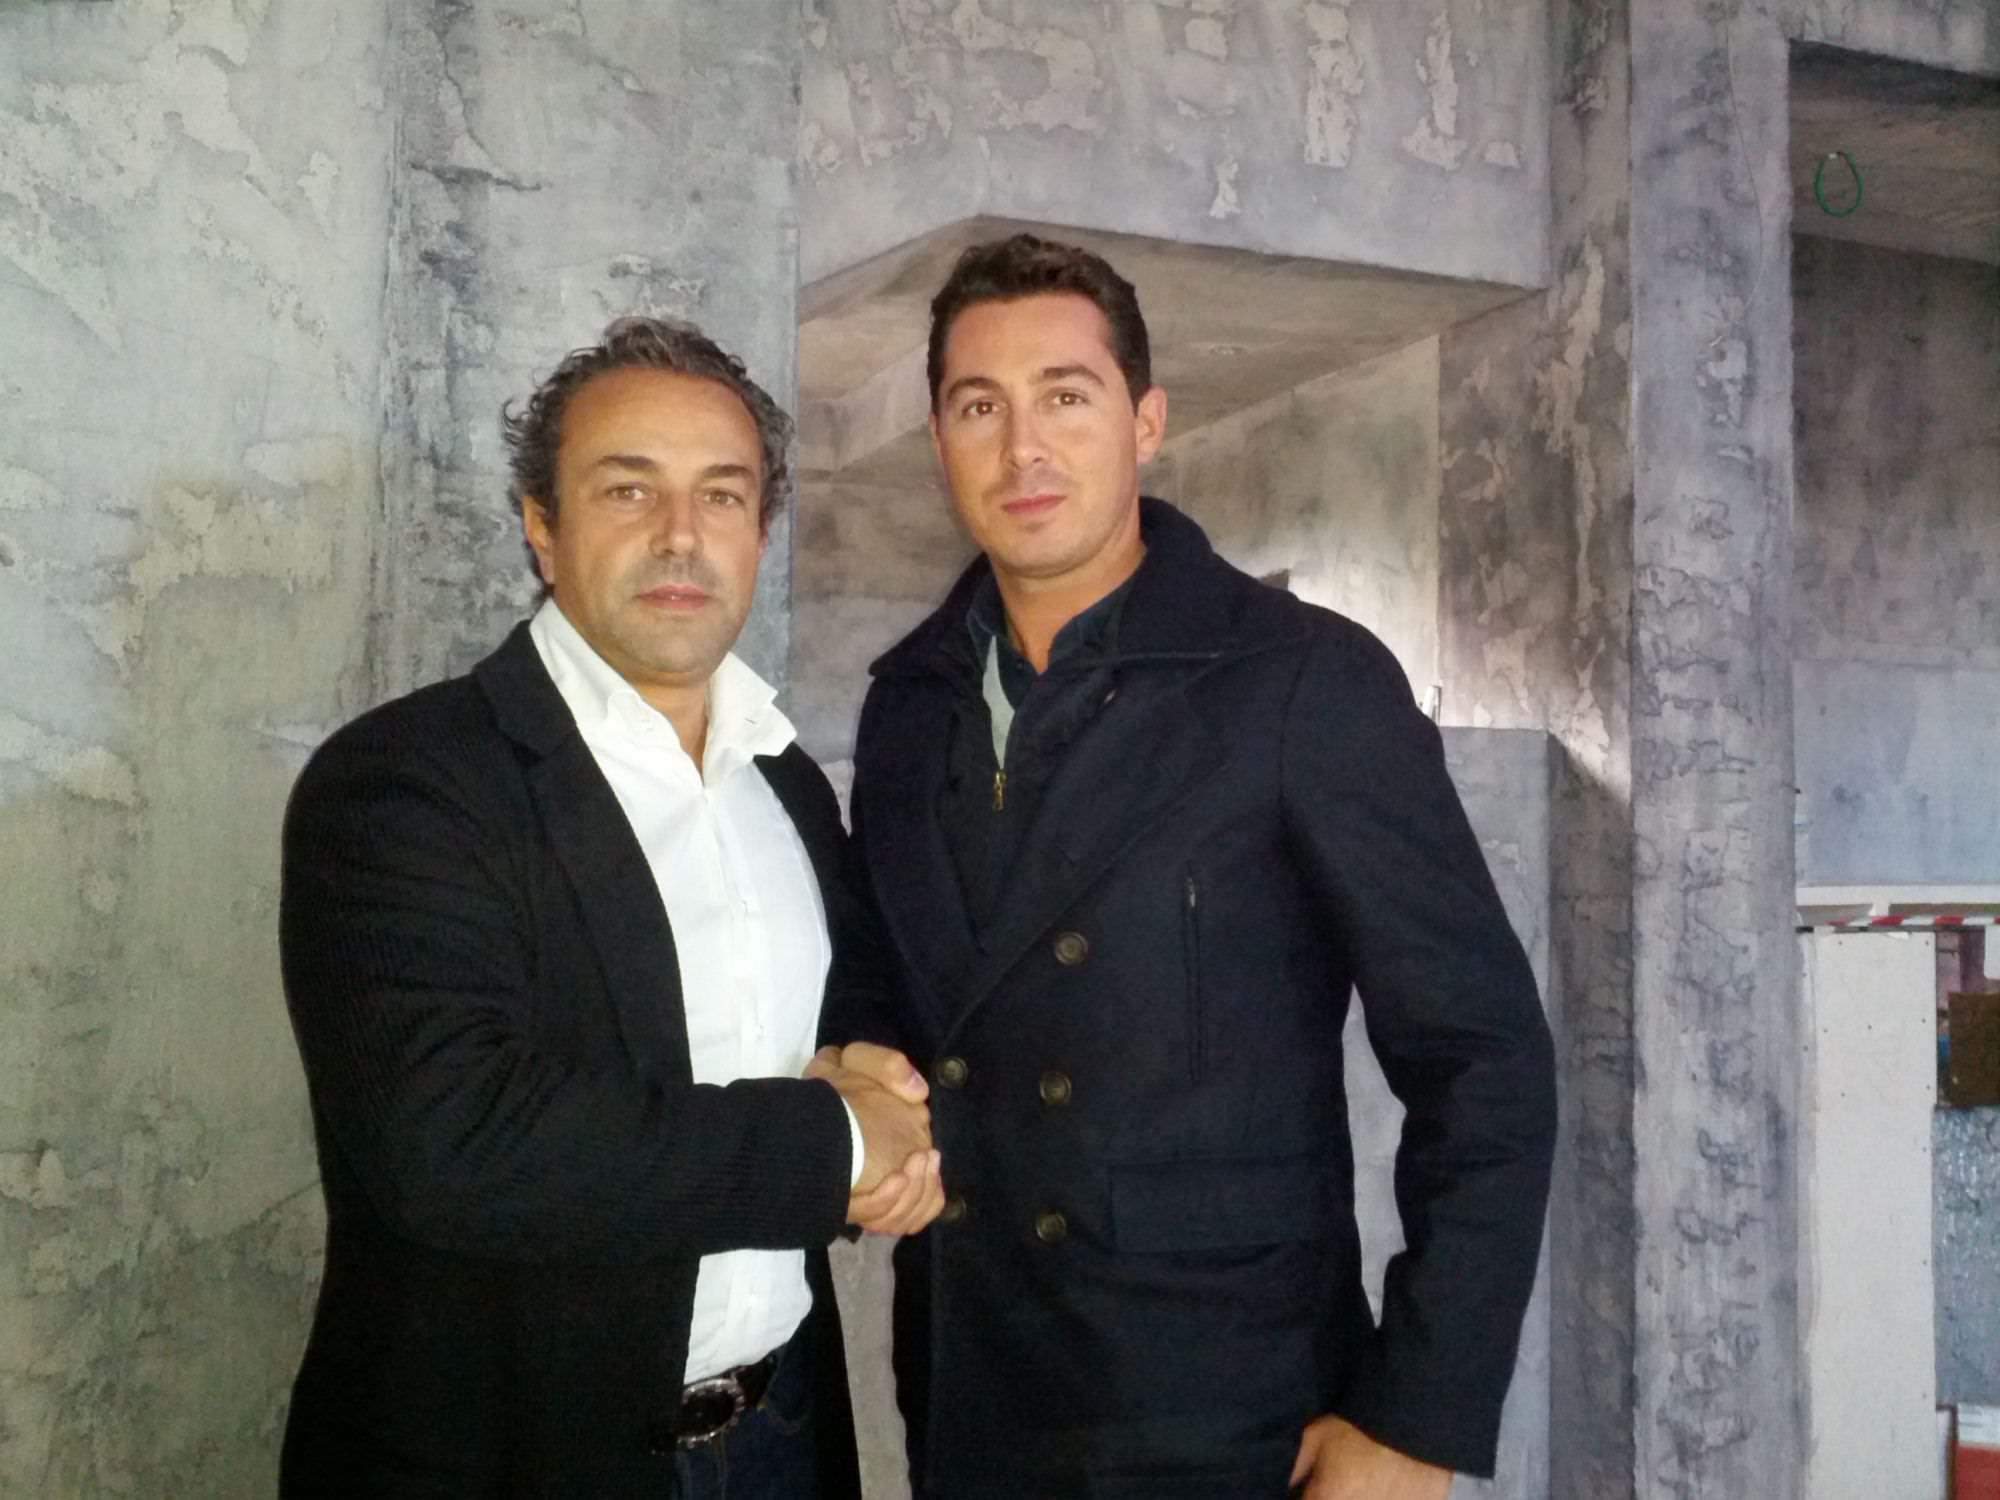 Il direttore generale del Twiga entra nello staff di un noto club di Grosseto